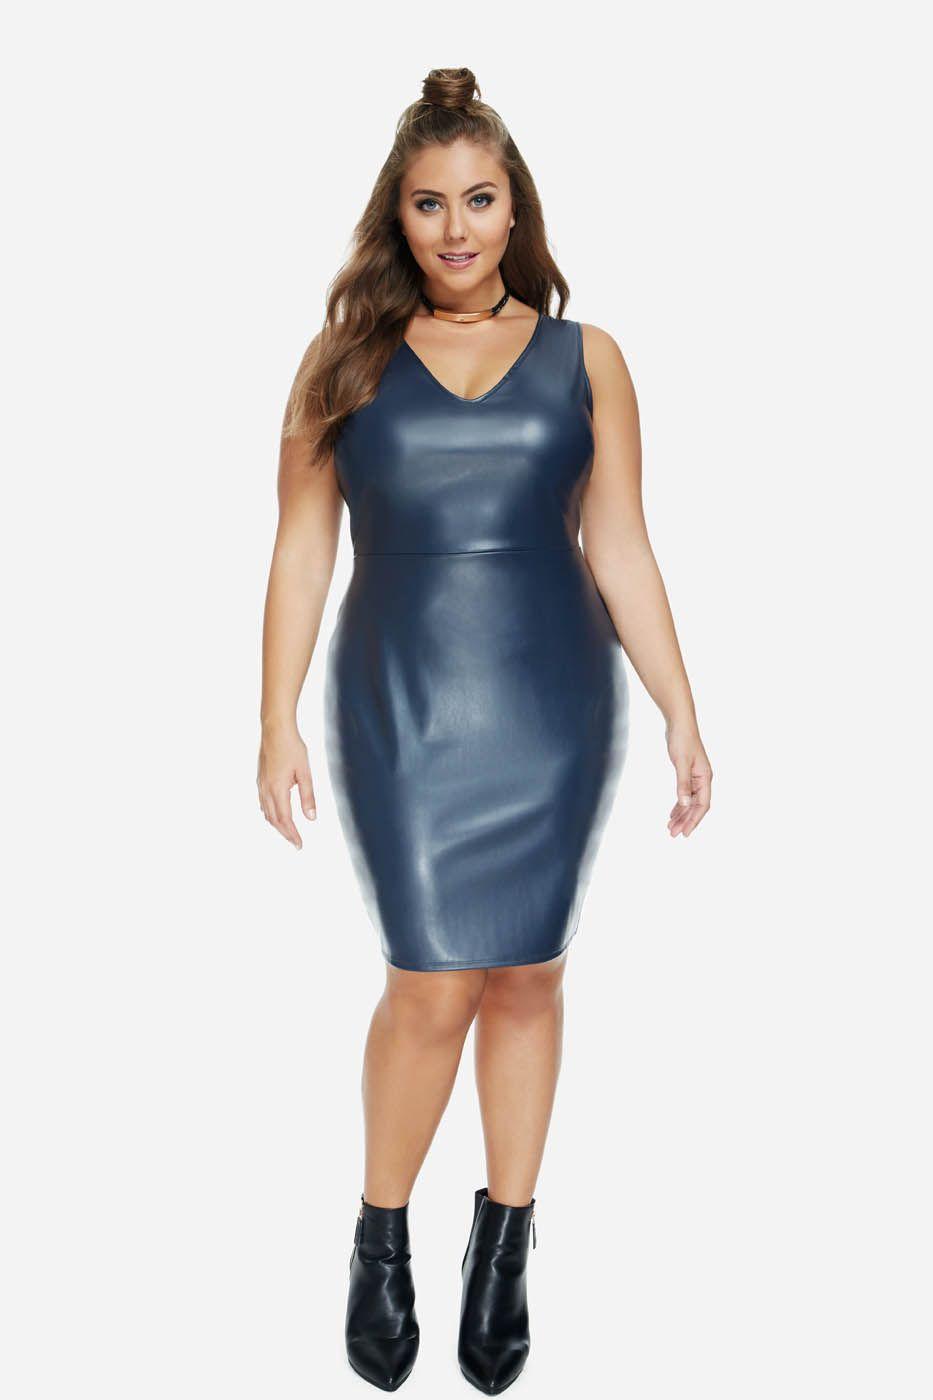 Plus Size Eve Faux Leather Bodycon Dress Plus Size Bodycon Dresses Fashion Bodycon Dress [ 1400 x 933 Pixel ]